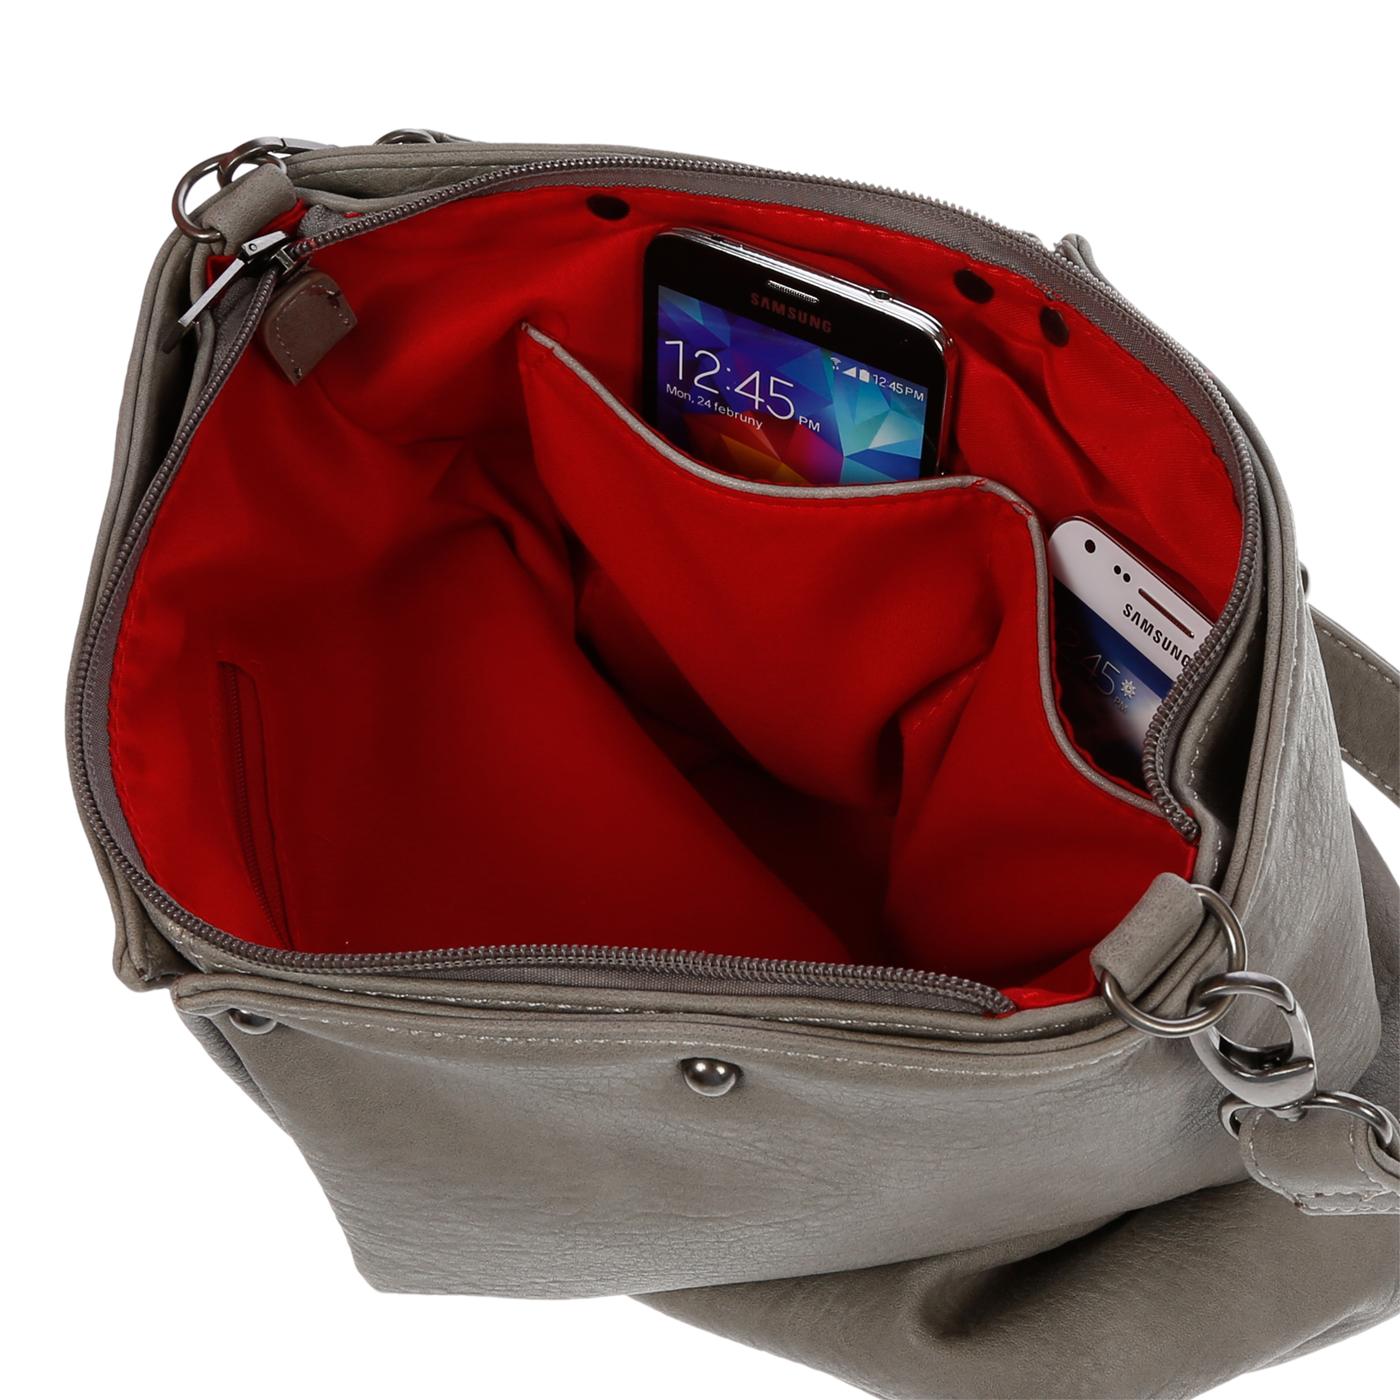 Damentasche-Umhaengetasche-Handtasche-Schultertasche-Leder-Optik-Tasche-Schwarz Indexbild 23